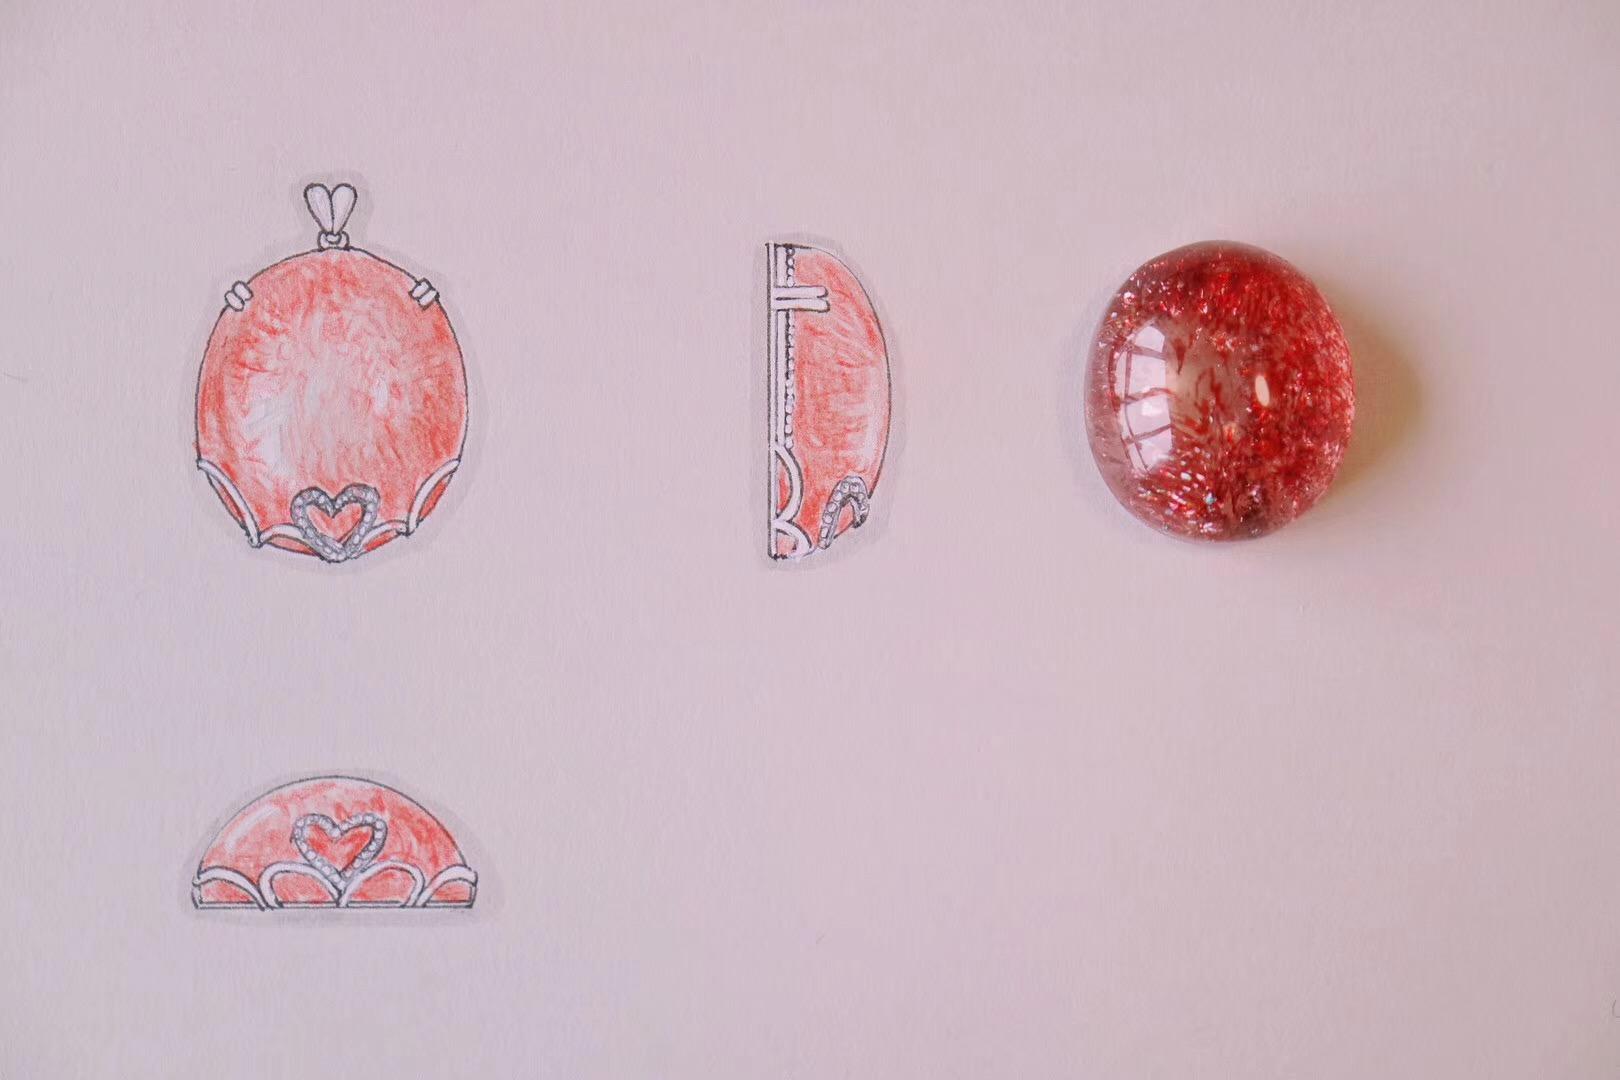 【菩心-金草莓晶】用爱心对撞空灵,也是件很酷的事儿-菩心晶舍